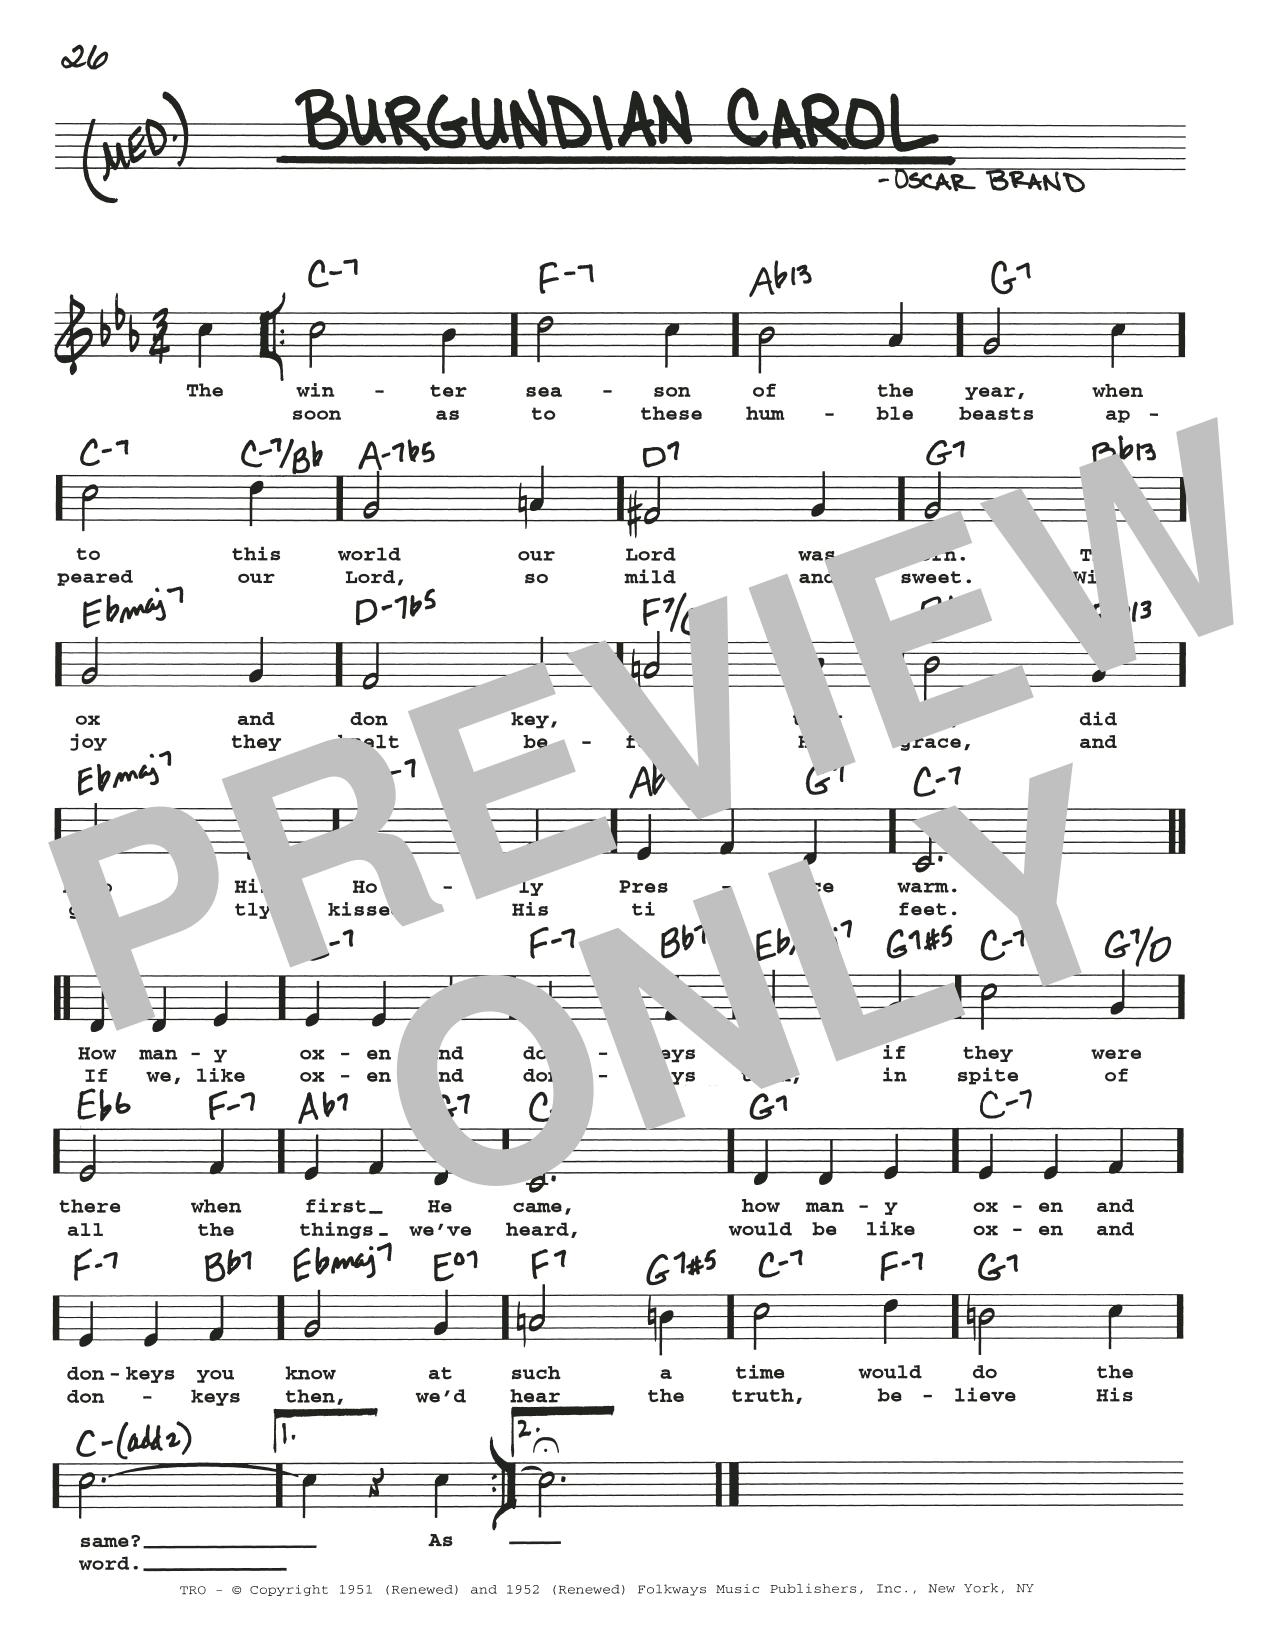 Burgundian Carol Sheet Music